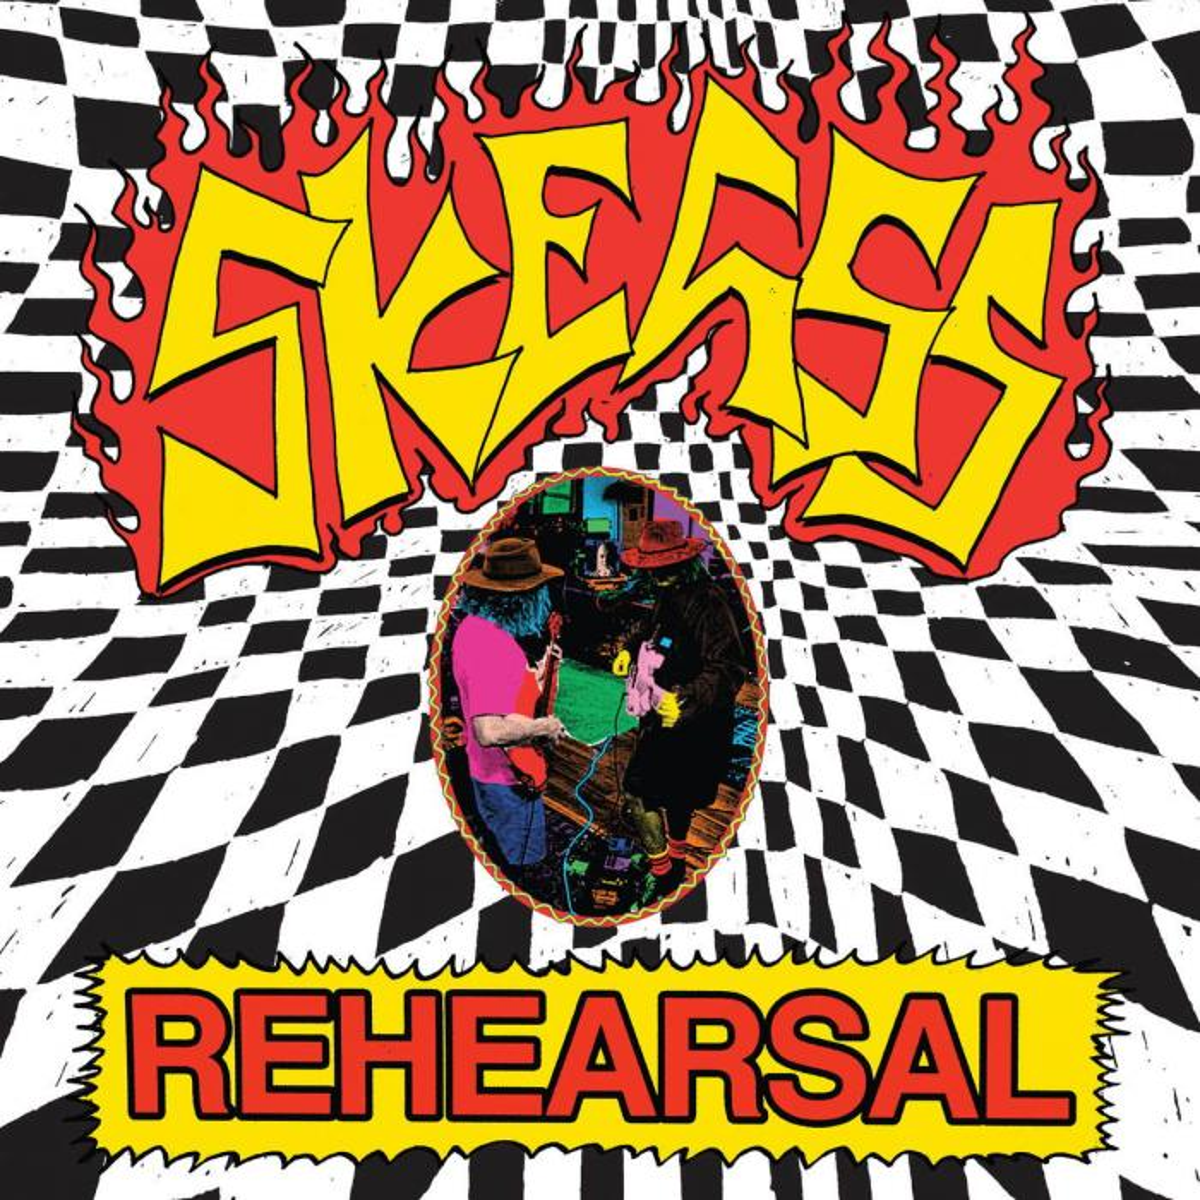 Виниловая пластинка Skeggs - Rehearsal